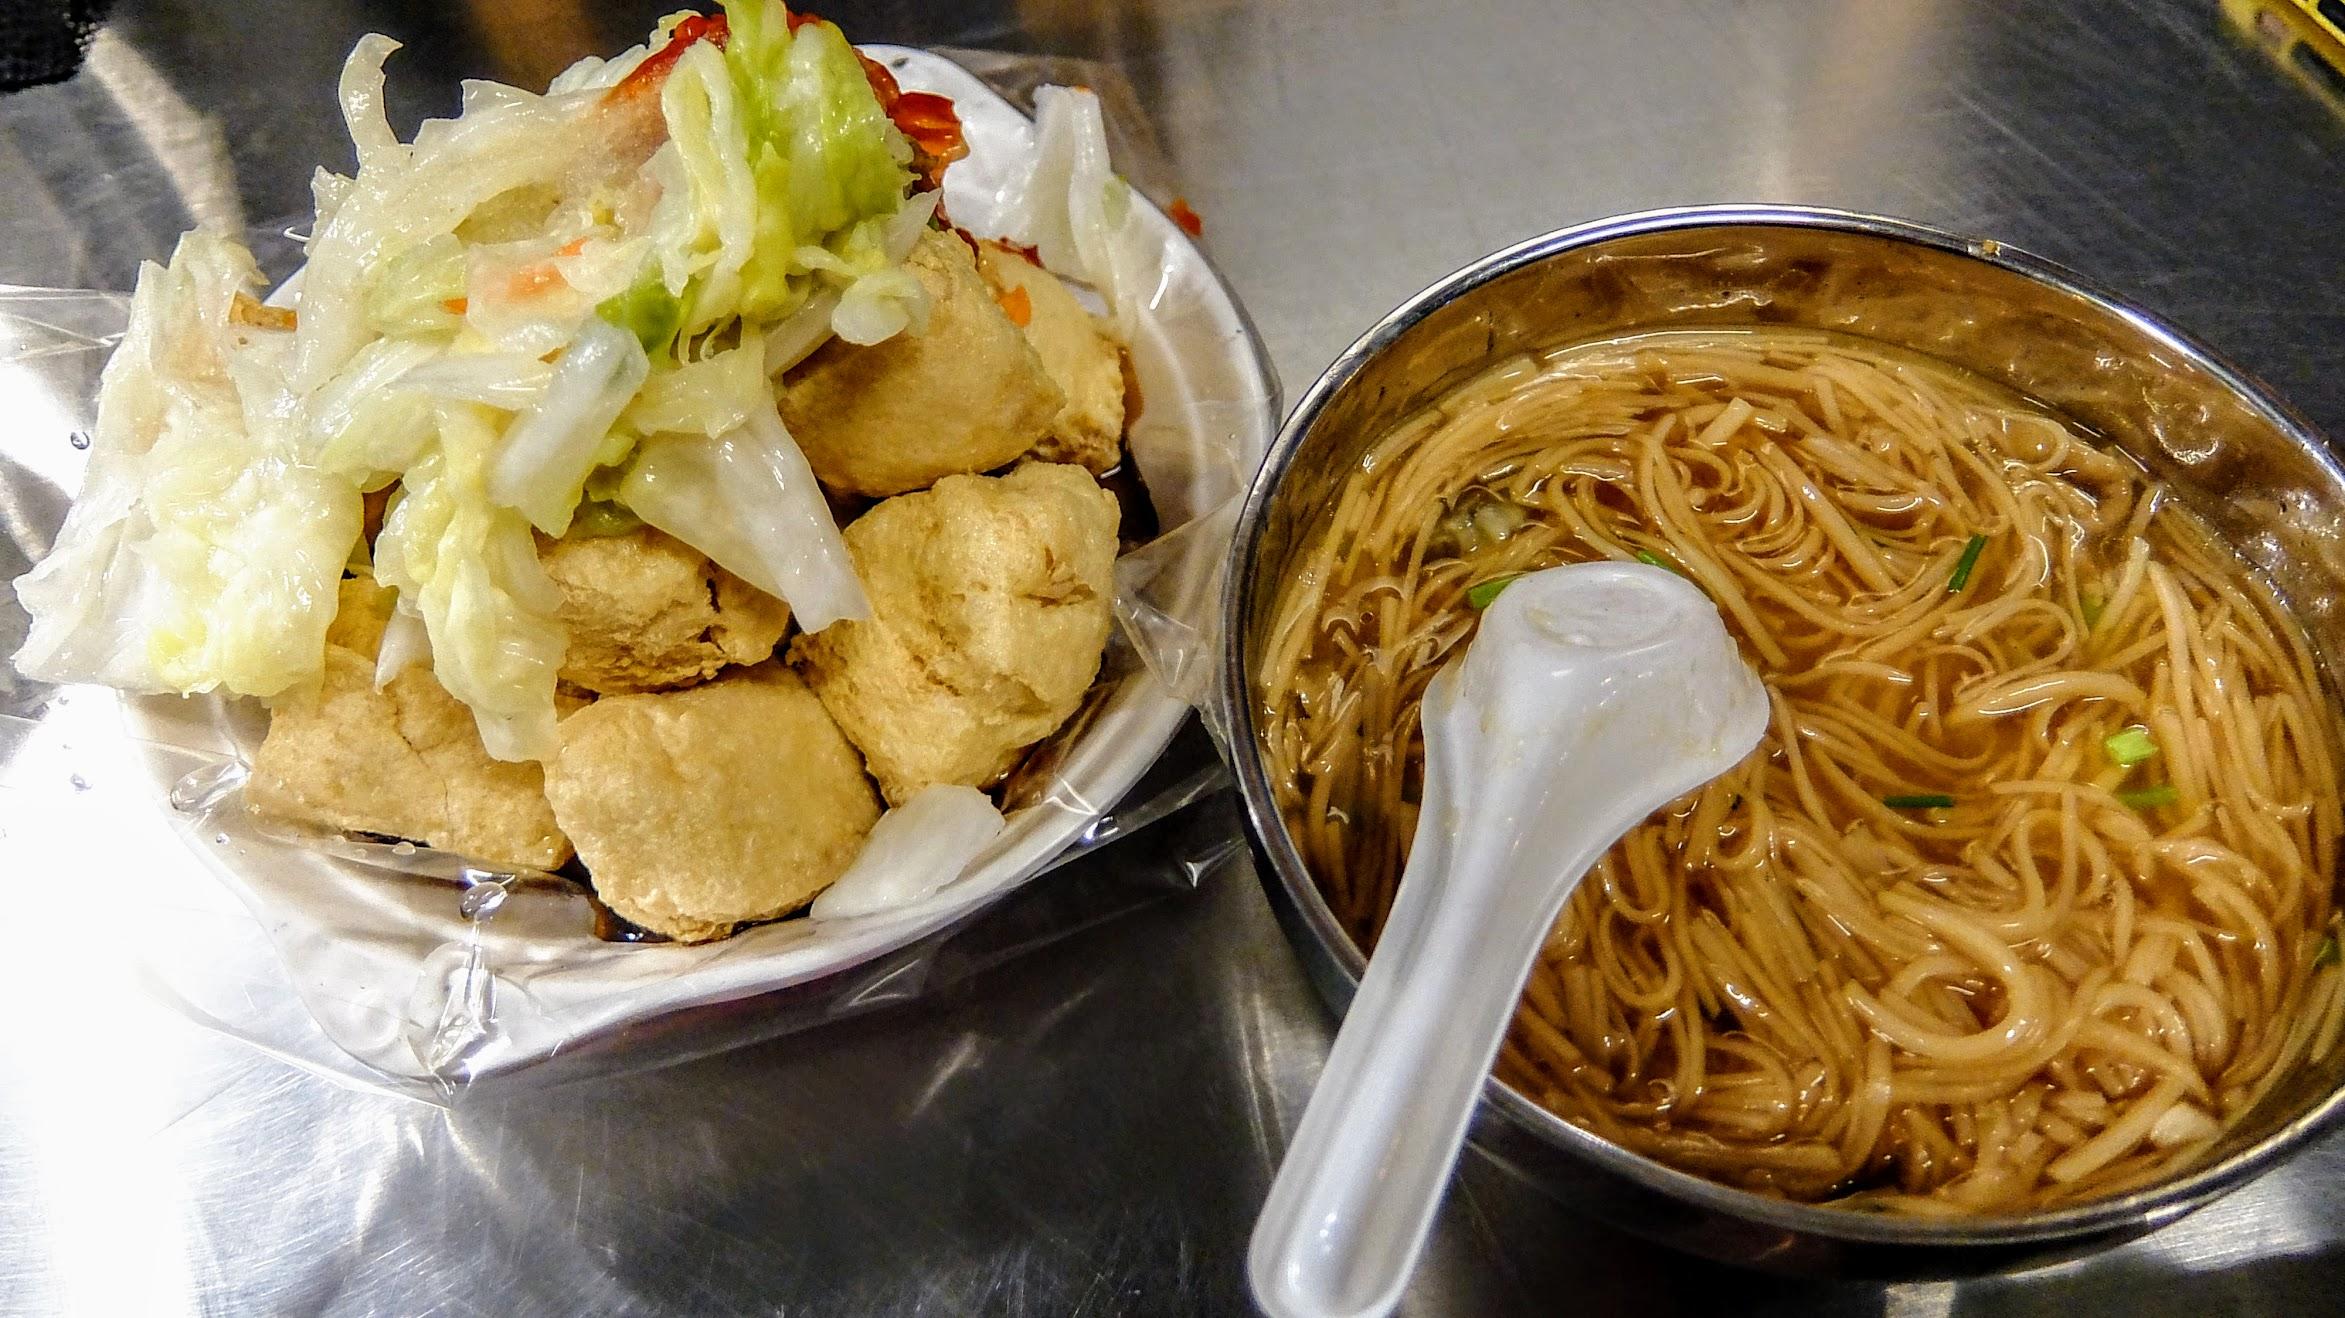 加班太晚,路上塞車,就先來這邊吃個臭豆腐和麵線糊當晚餐囉!